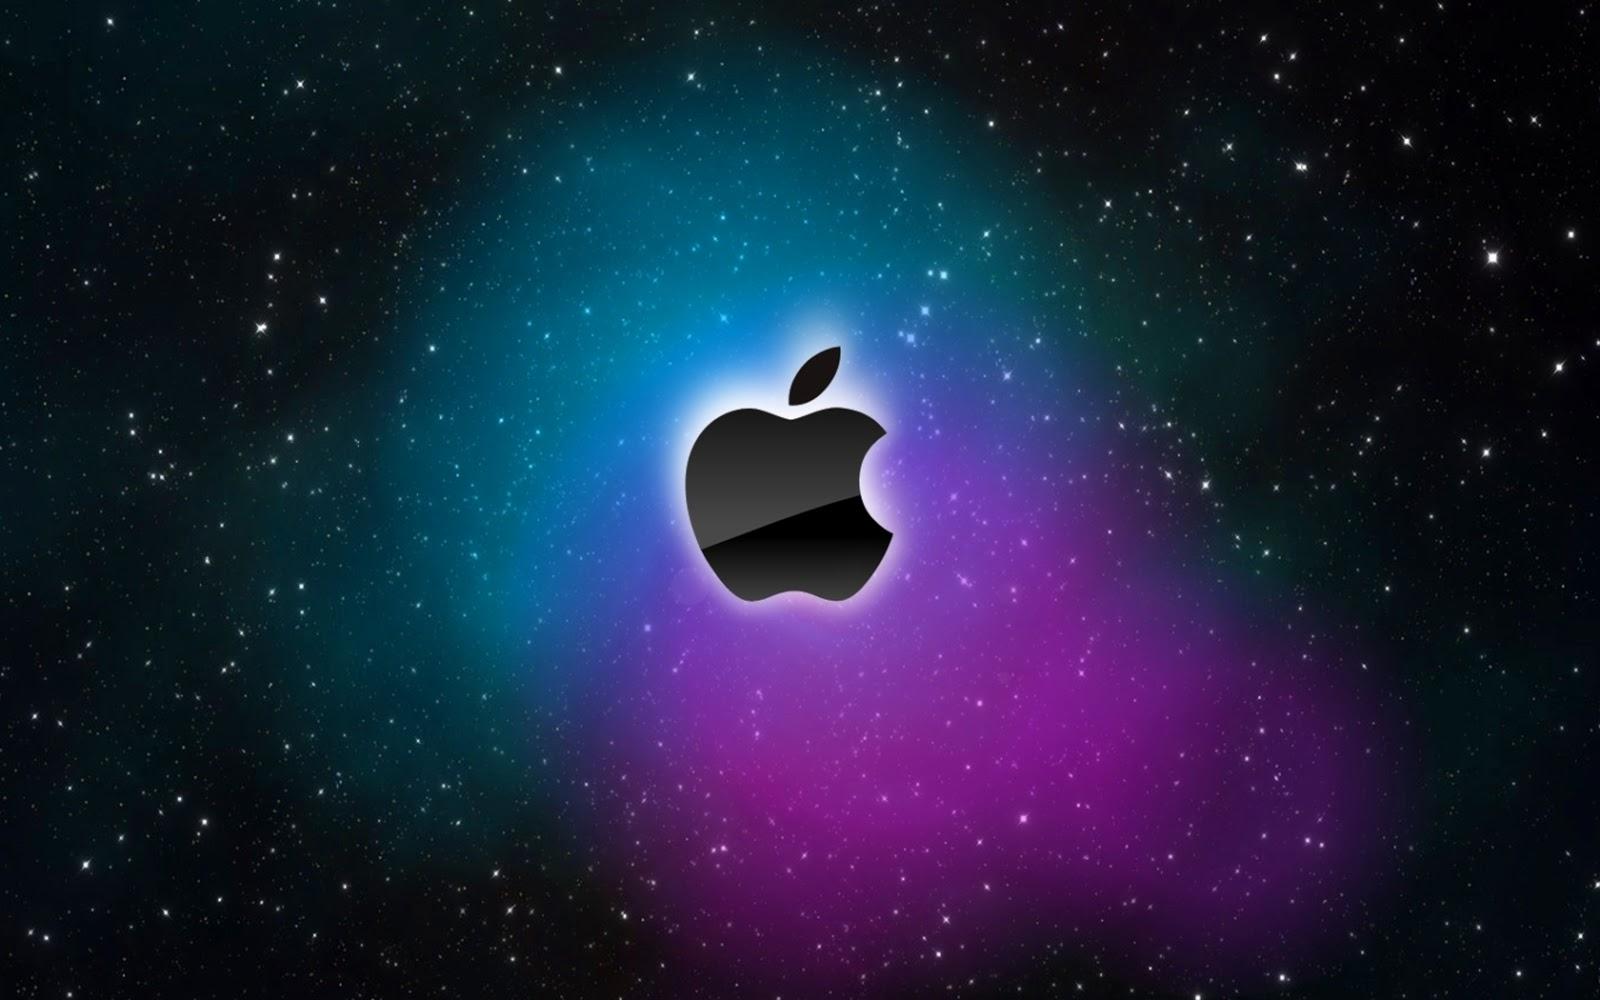 Fondo de Pantalla La manzana de Apple  Imagenes Hilandy